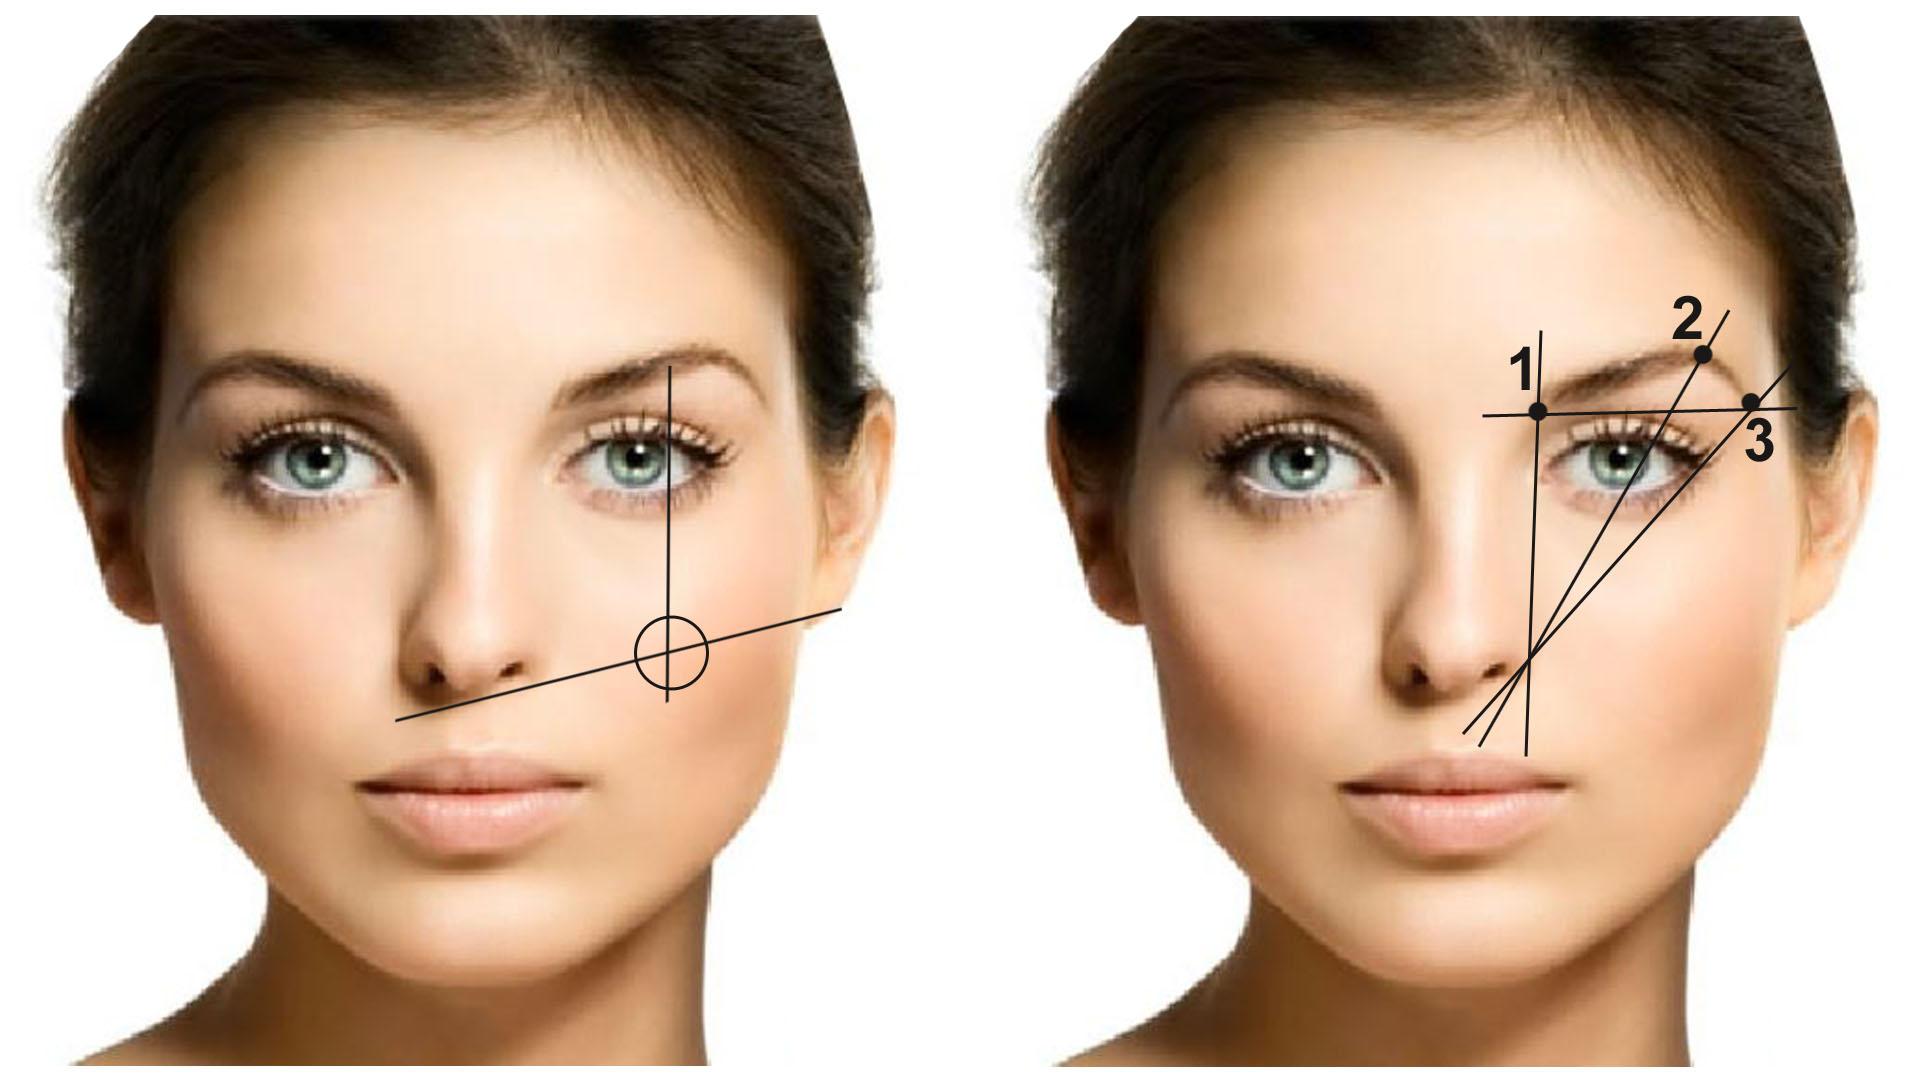 С помощью макияжа увеличить глаза фото